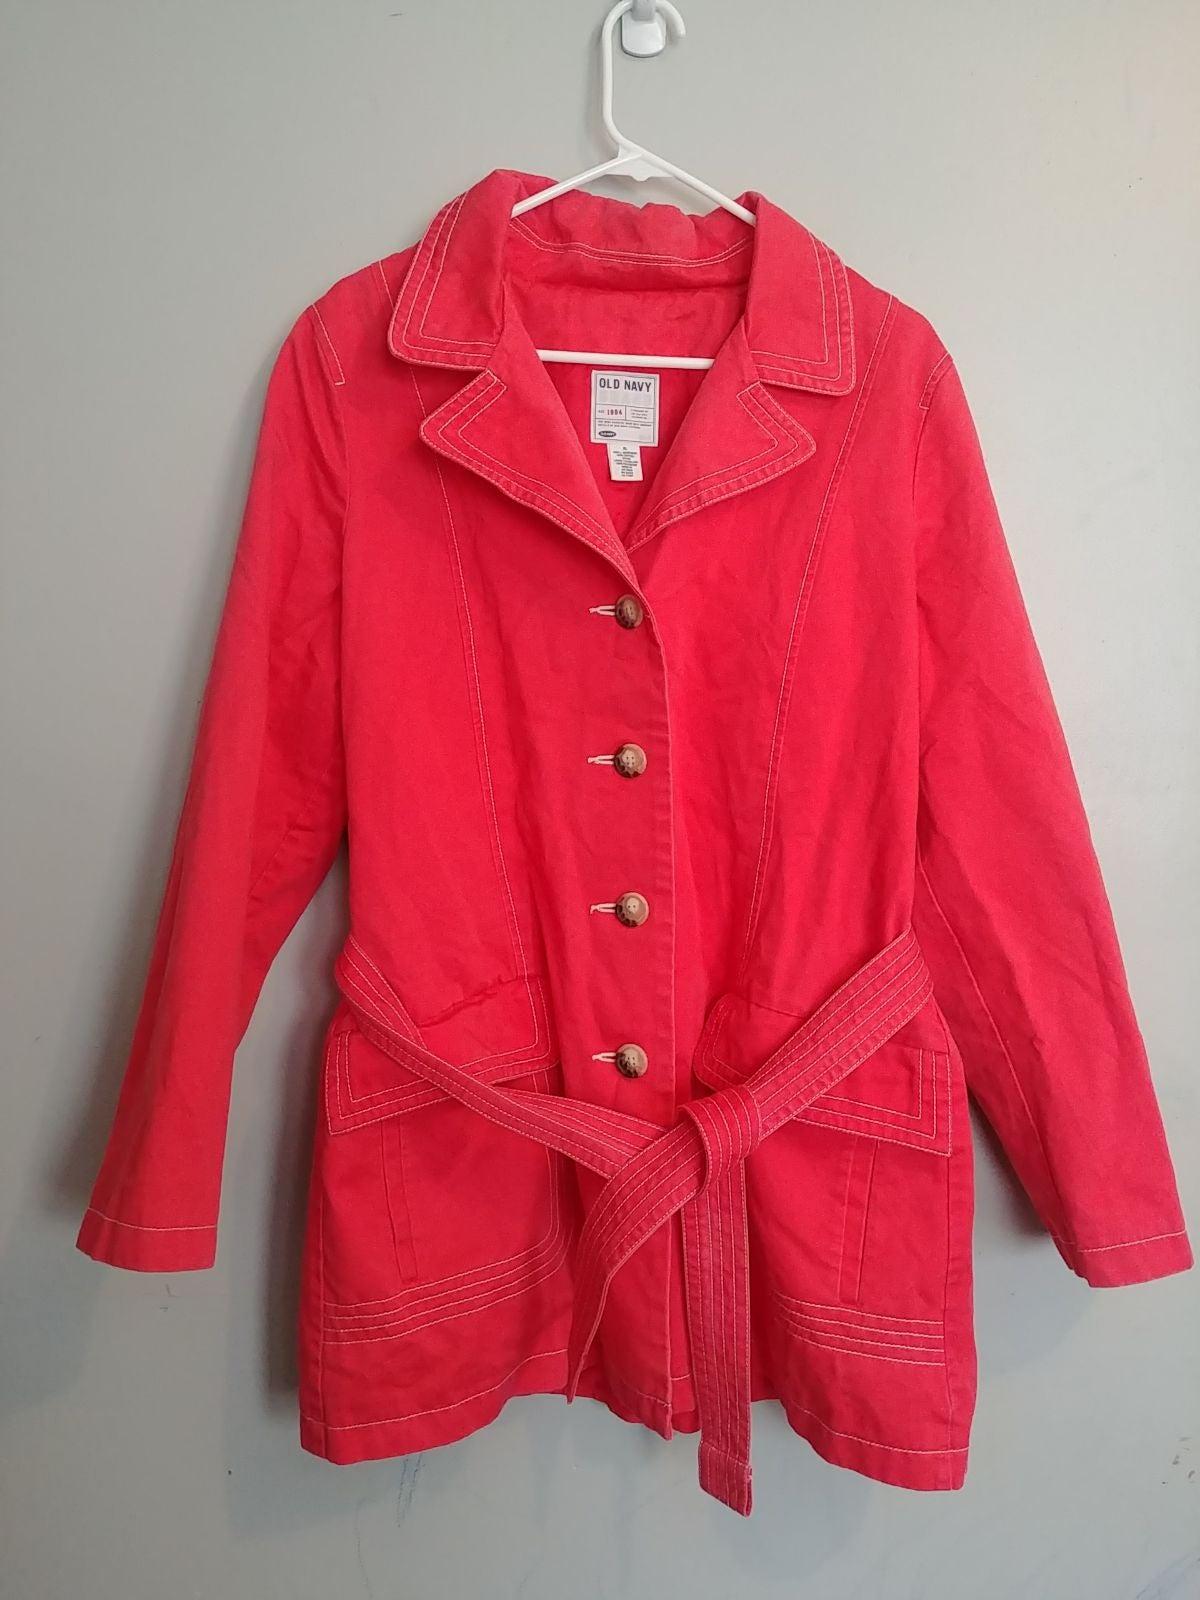 Old Navy Women's Jacket Size XL